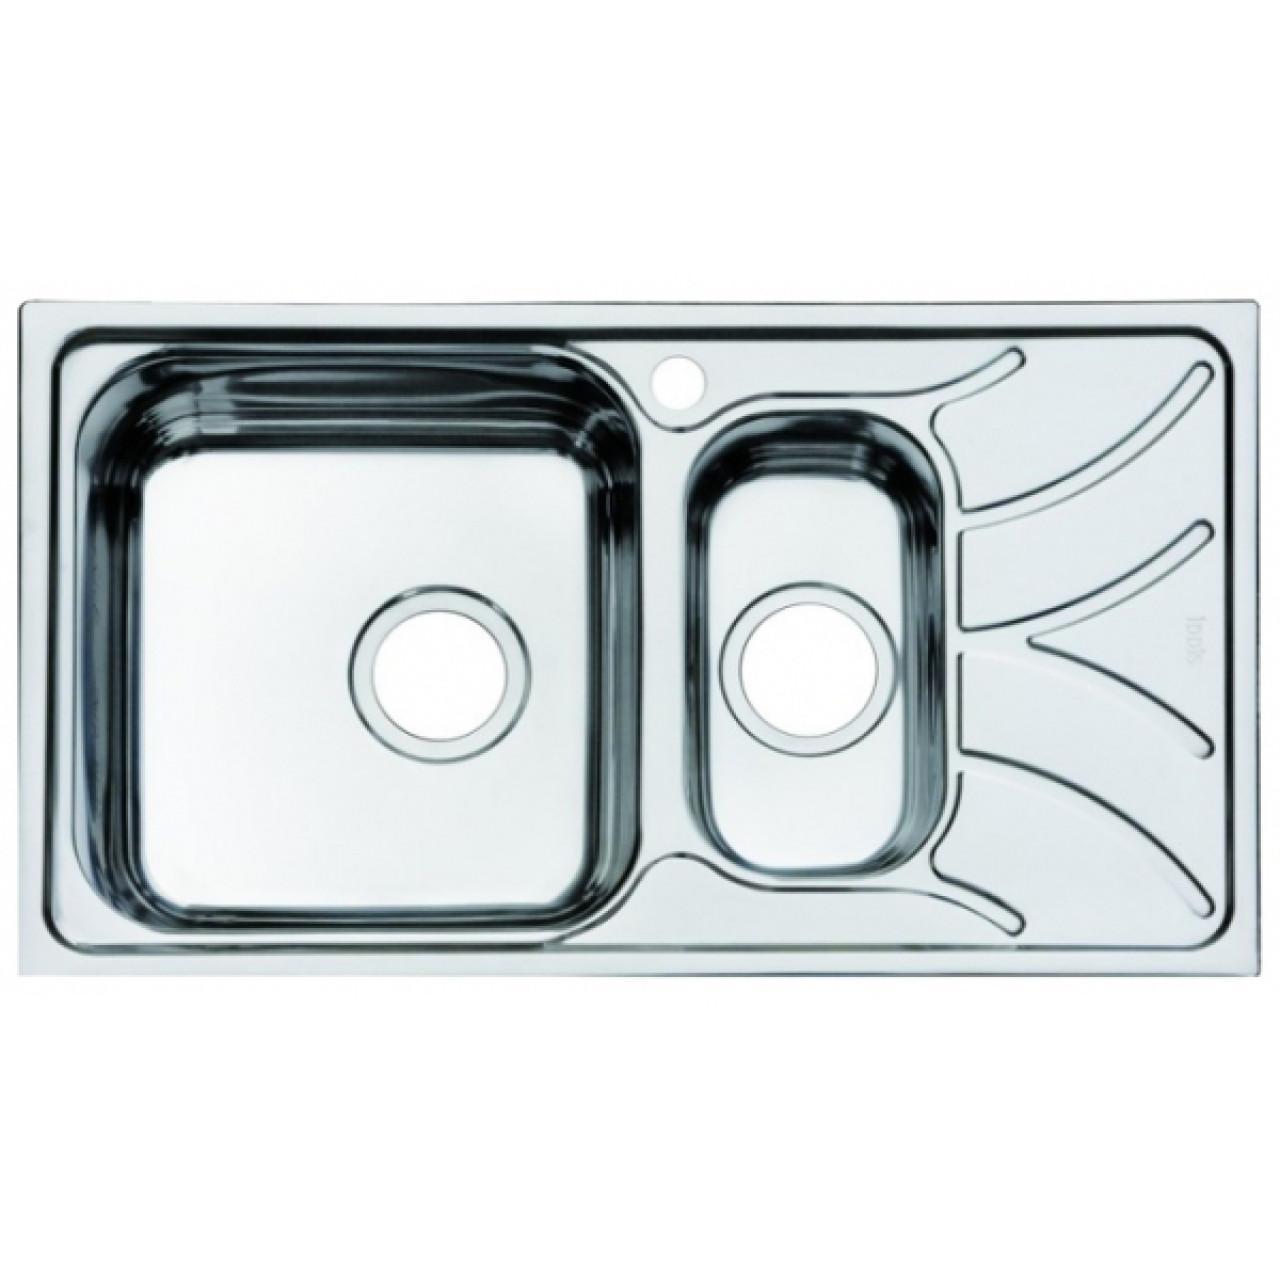 Мойка для кухни Iddis Arro 780х440 2 чаши купить в Москве по цене от 5400р. в интернет-магазине mebel-v-vannu.ru